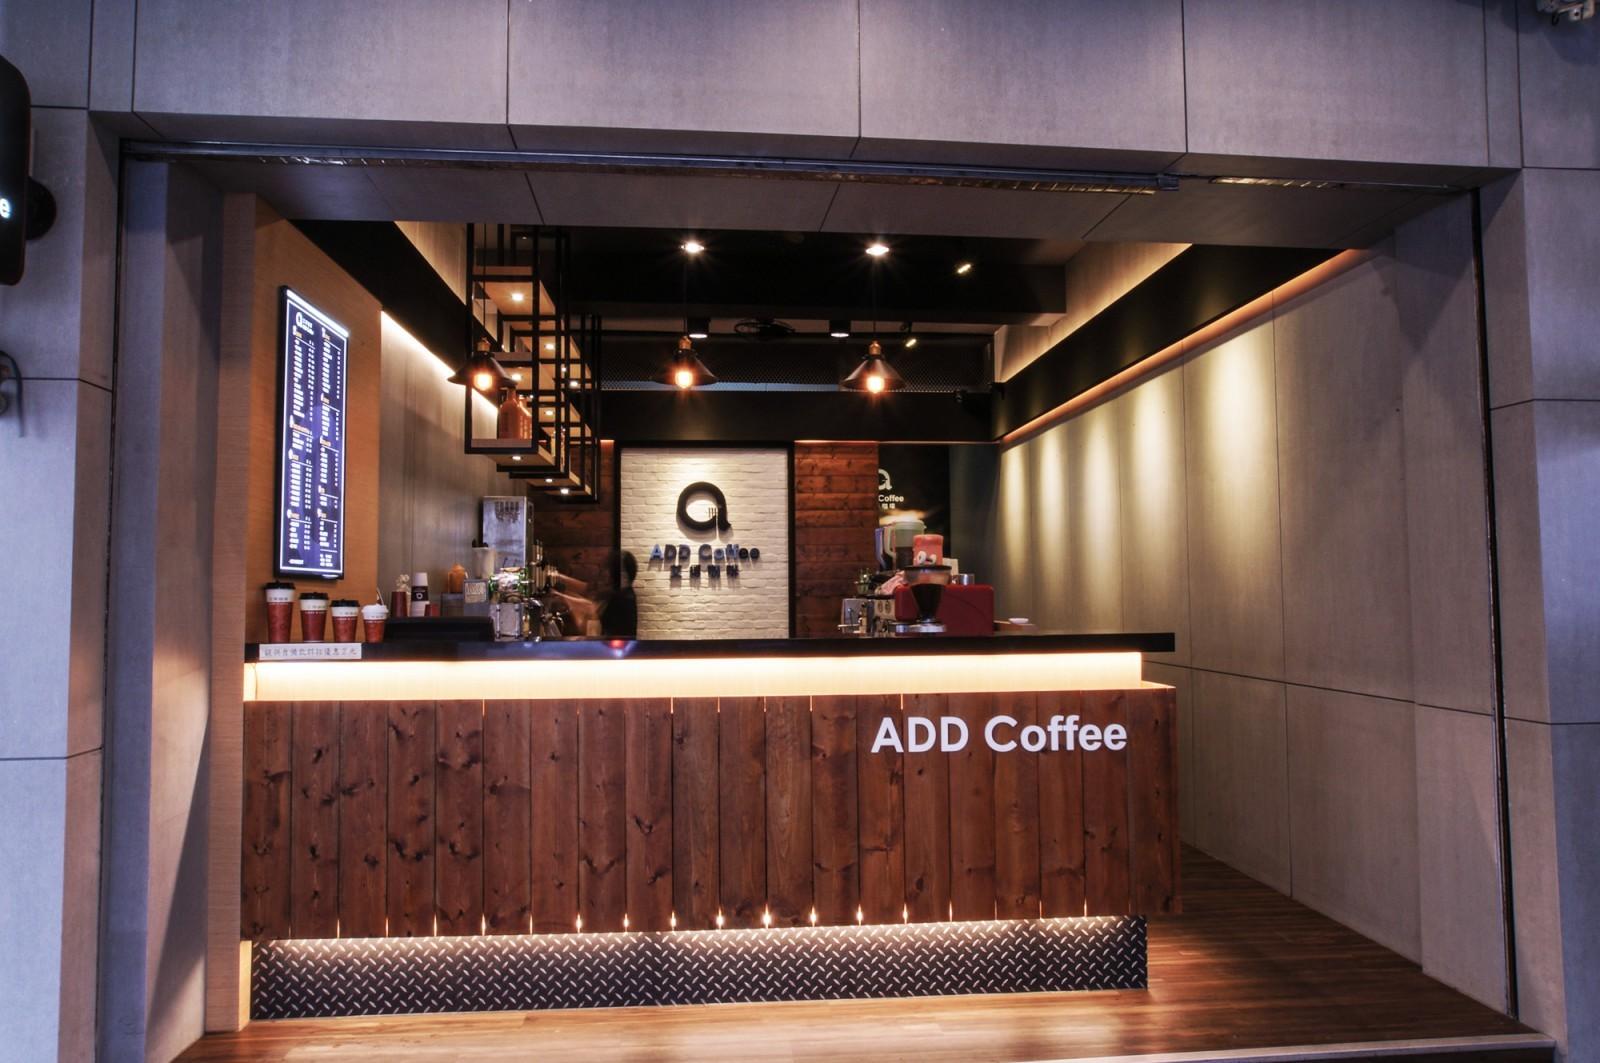 國際智家.ADD COFFEE.艾得招牌